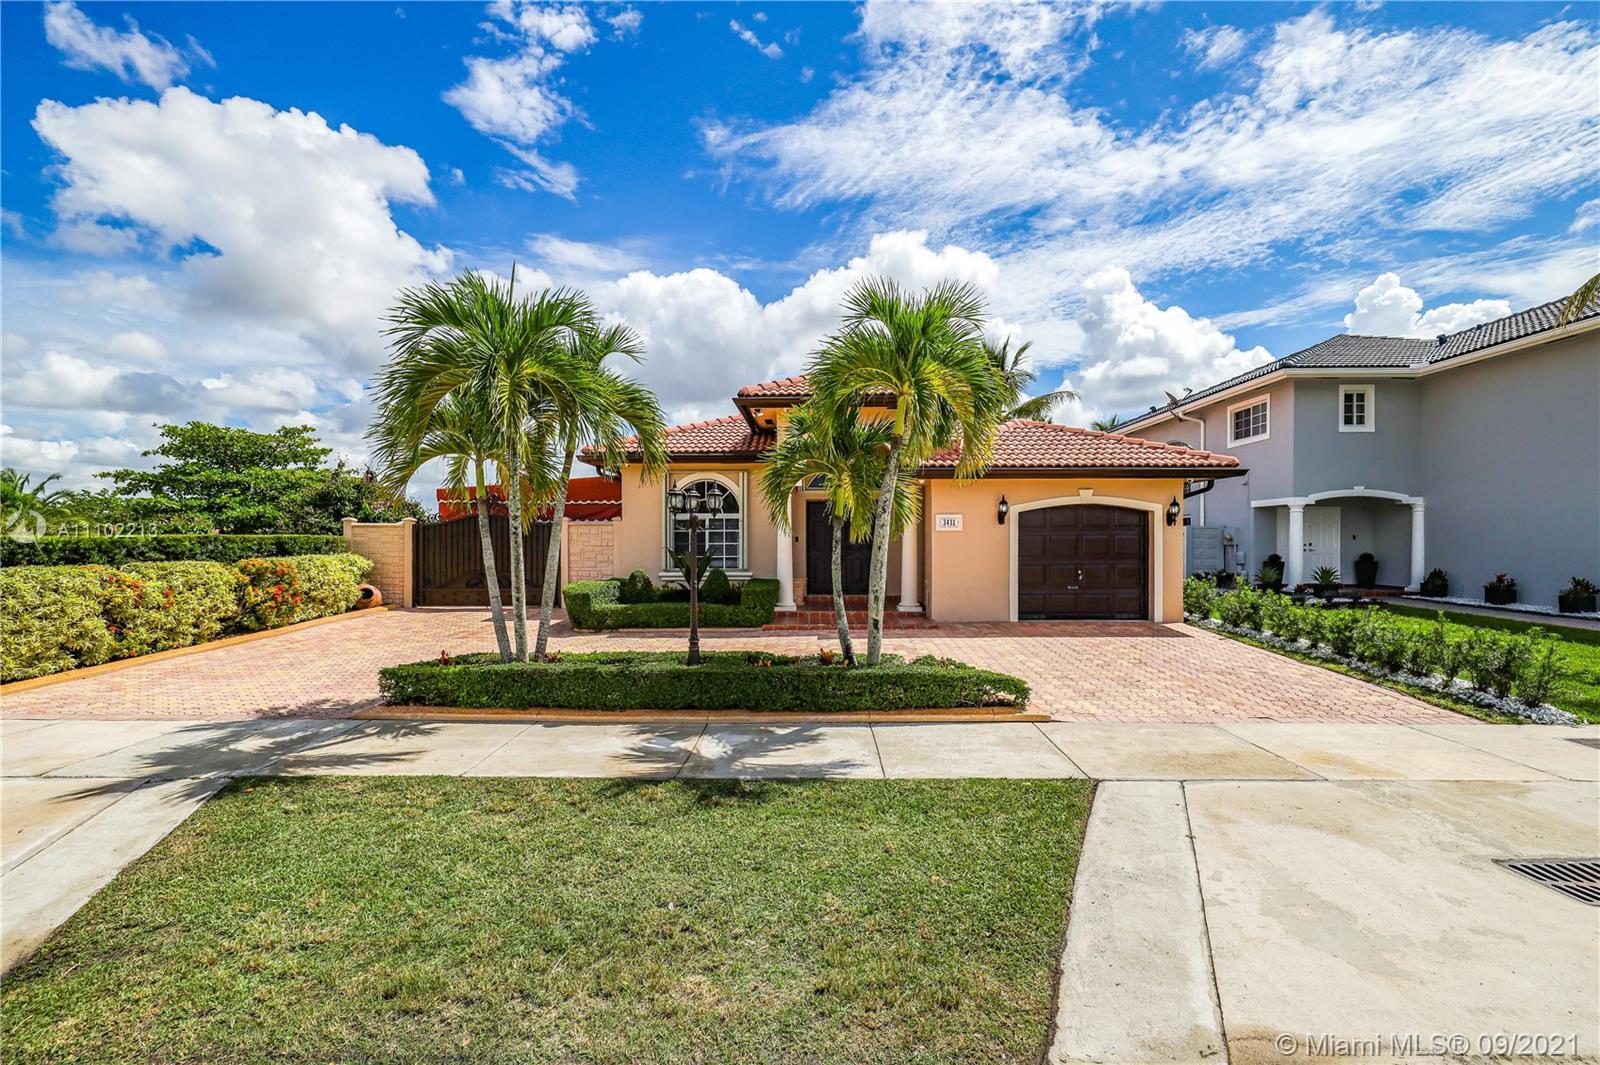 3411 156th Ct, Miami, Florida 33185